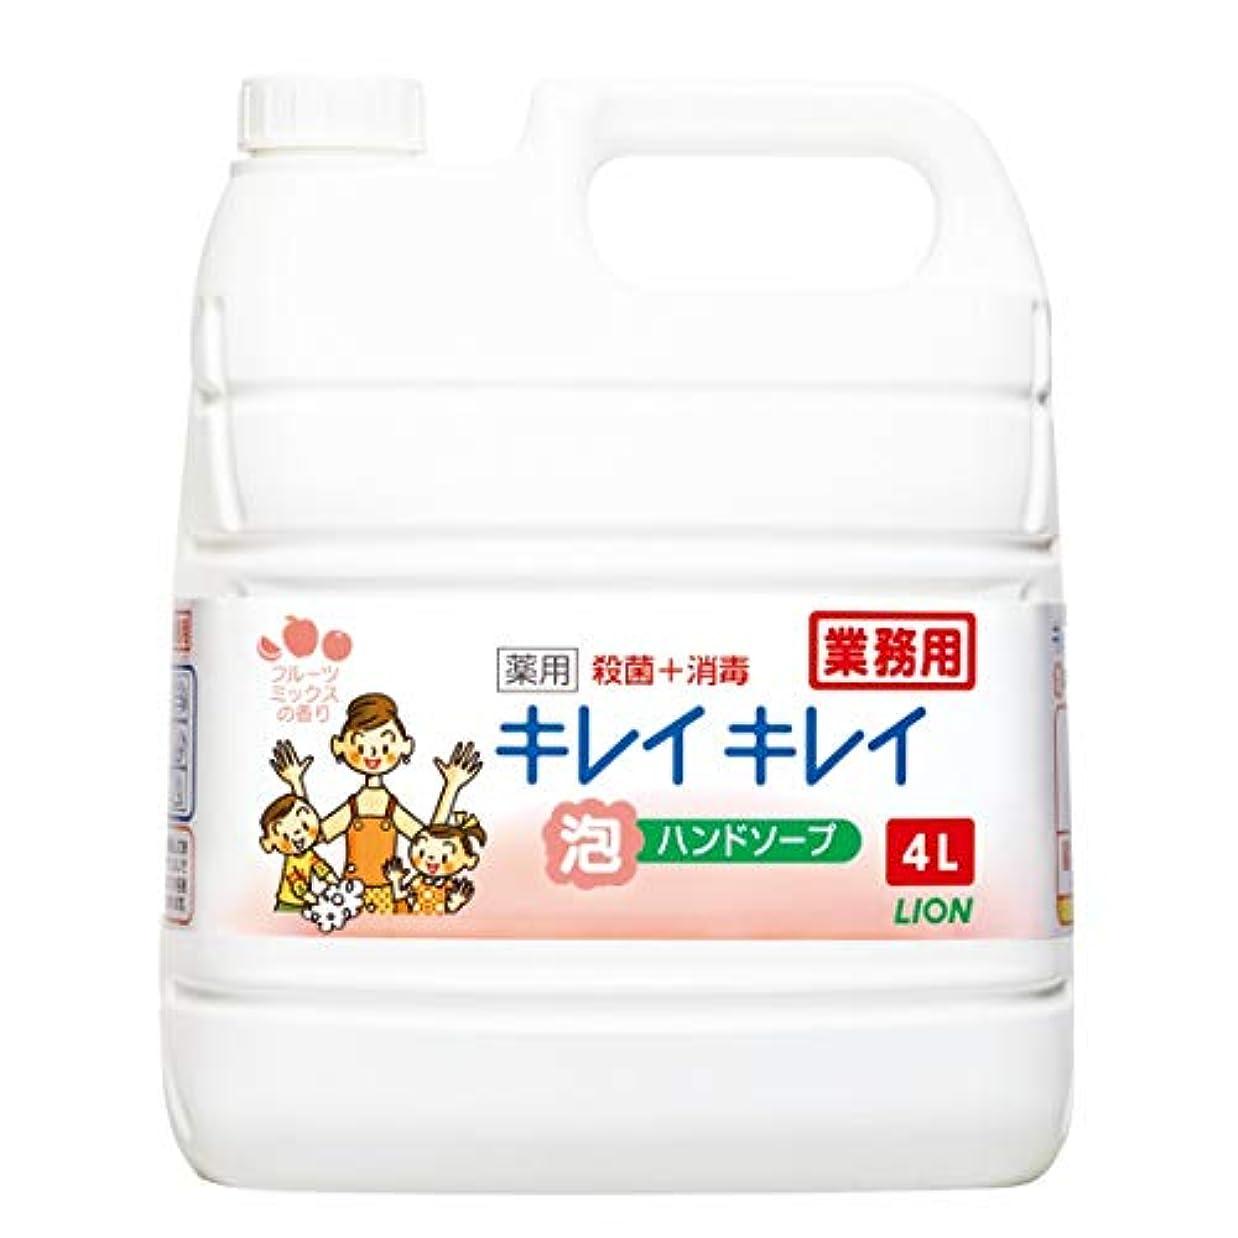 起きている解明する物理【業務用 大容量】キレイキレイ 薬用 泡ハンドソープフルーツミックスの香り 4L(医薬部外品)